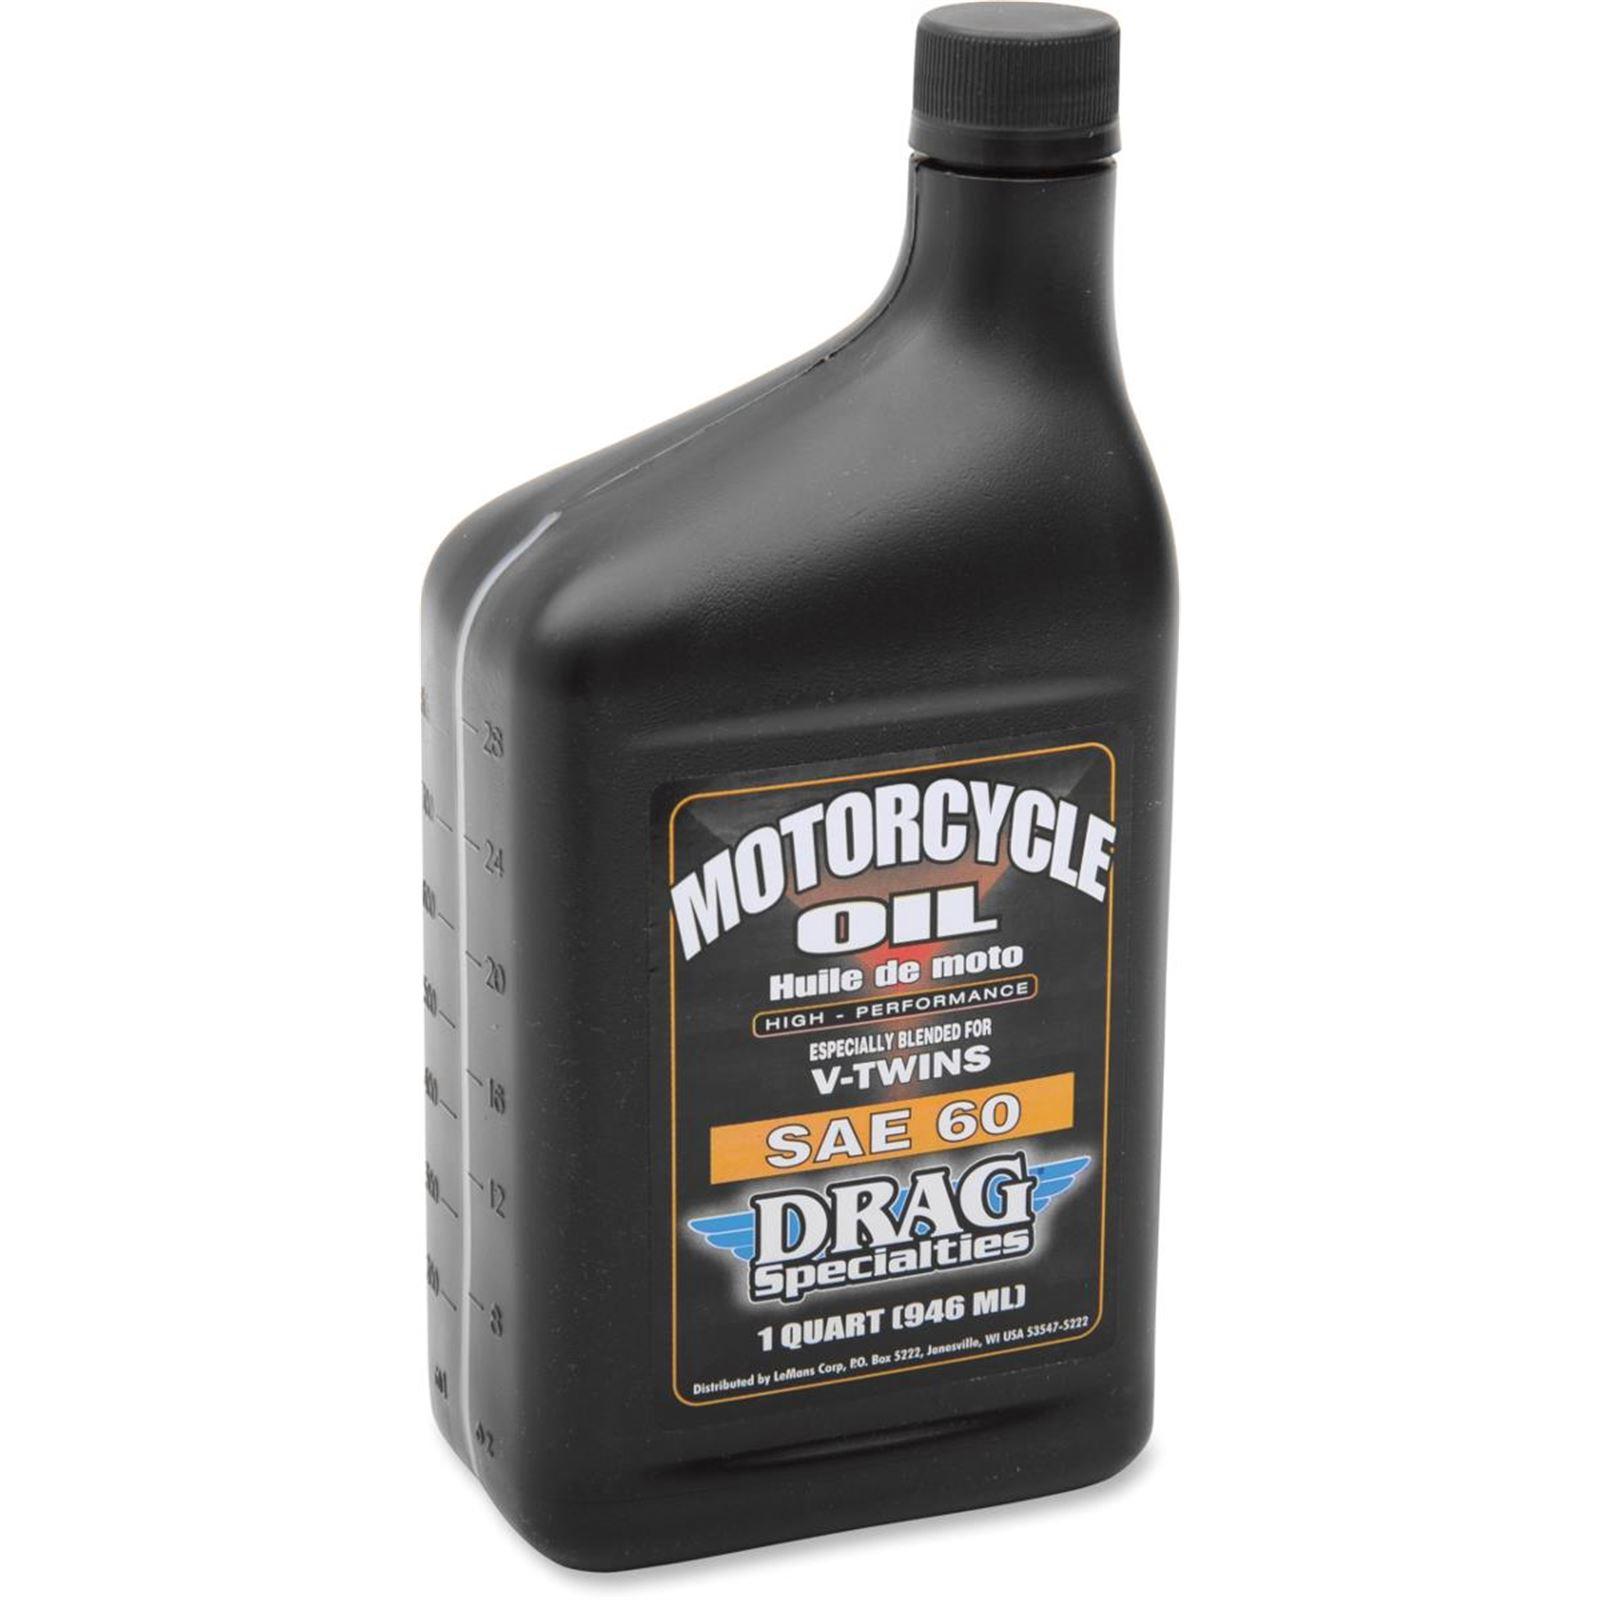 Drag Specialties Engine Oil SAE 60 - 1 US quart - Case of 12